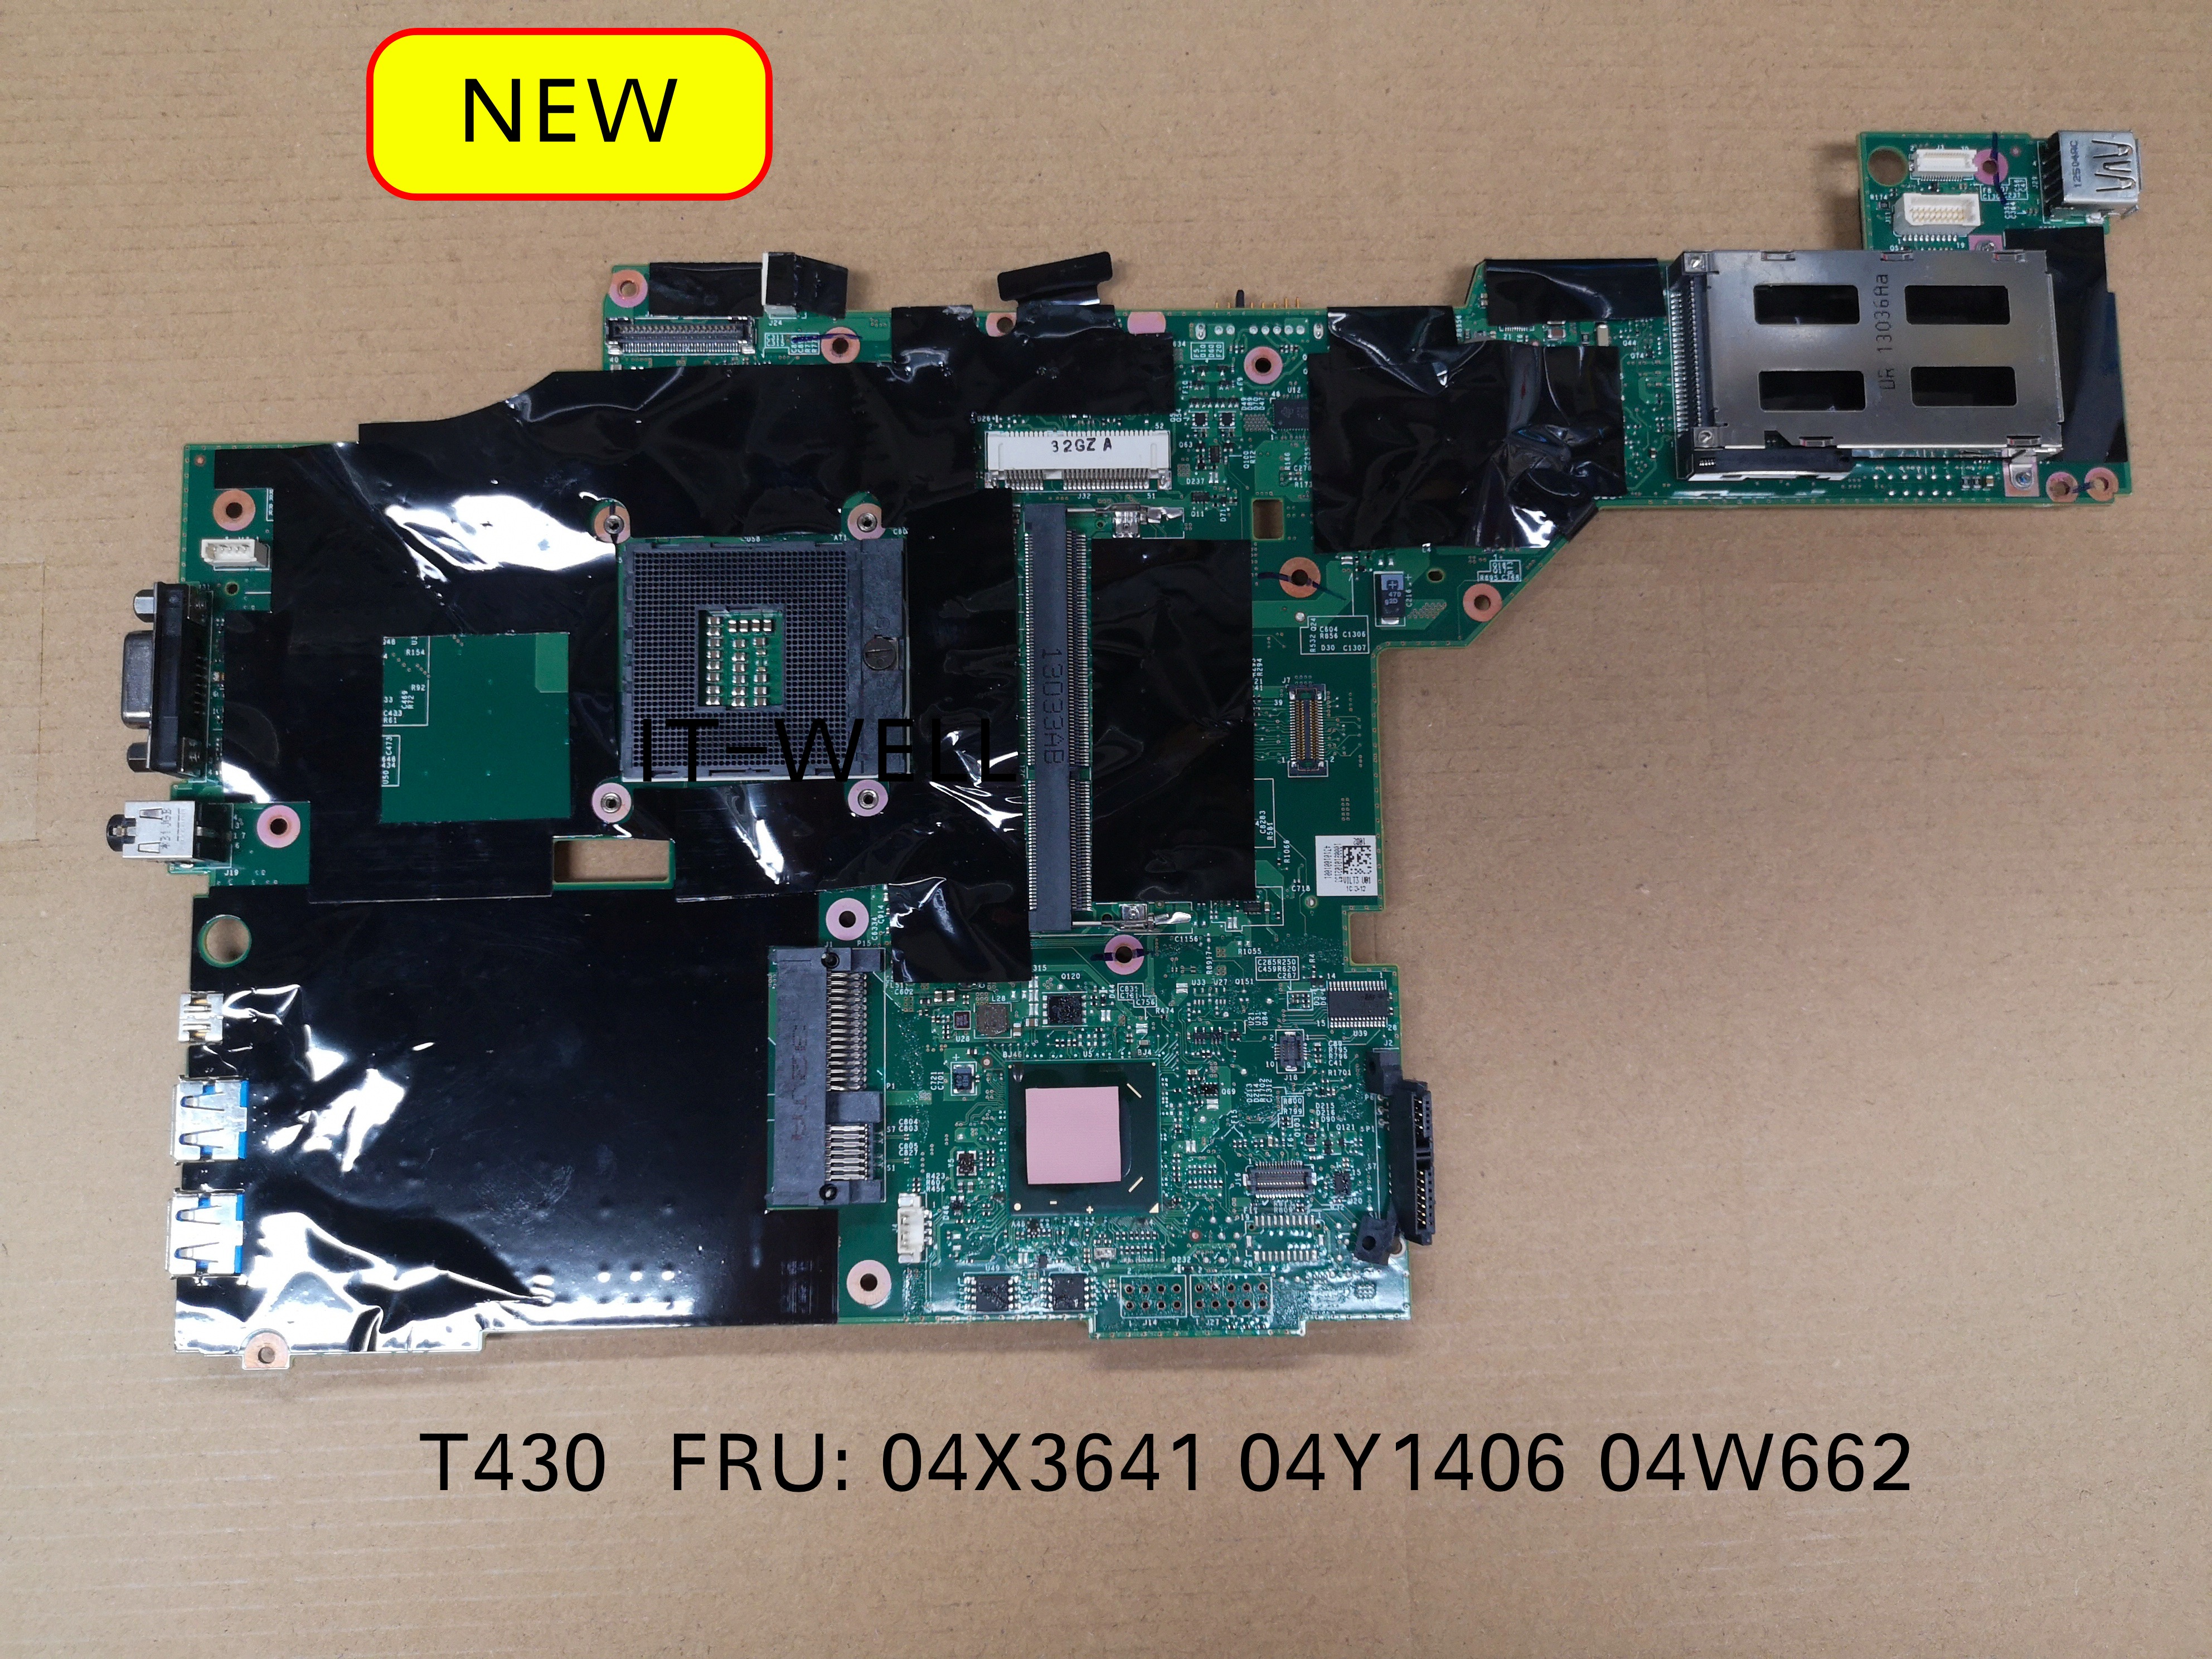 FRU: 04X3641 04Y1406 04W6625 04X3639 For Lenovo Thinkpad T430 Laptop Motherboard